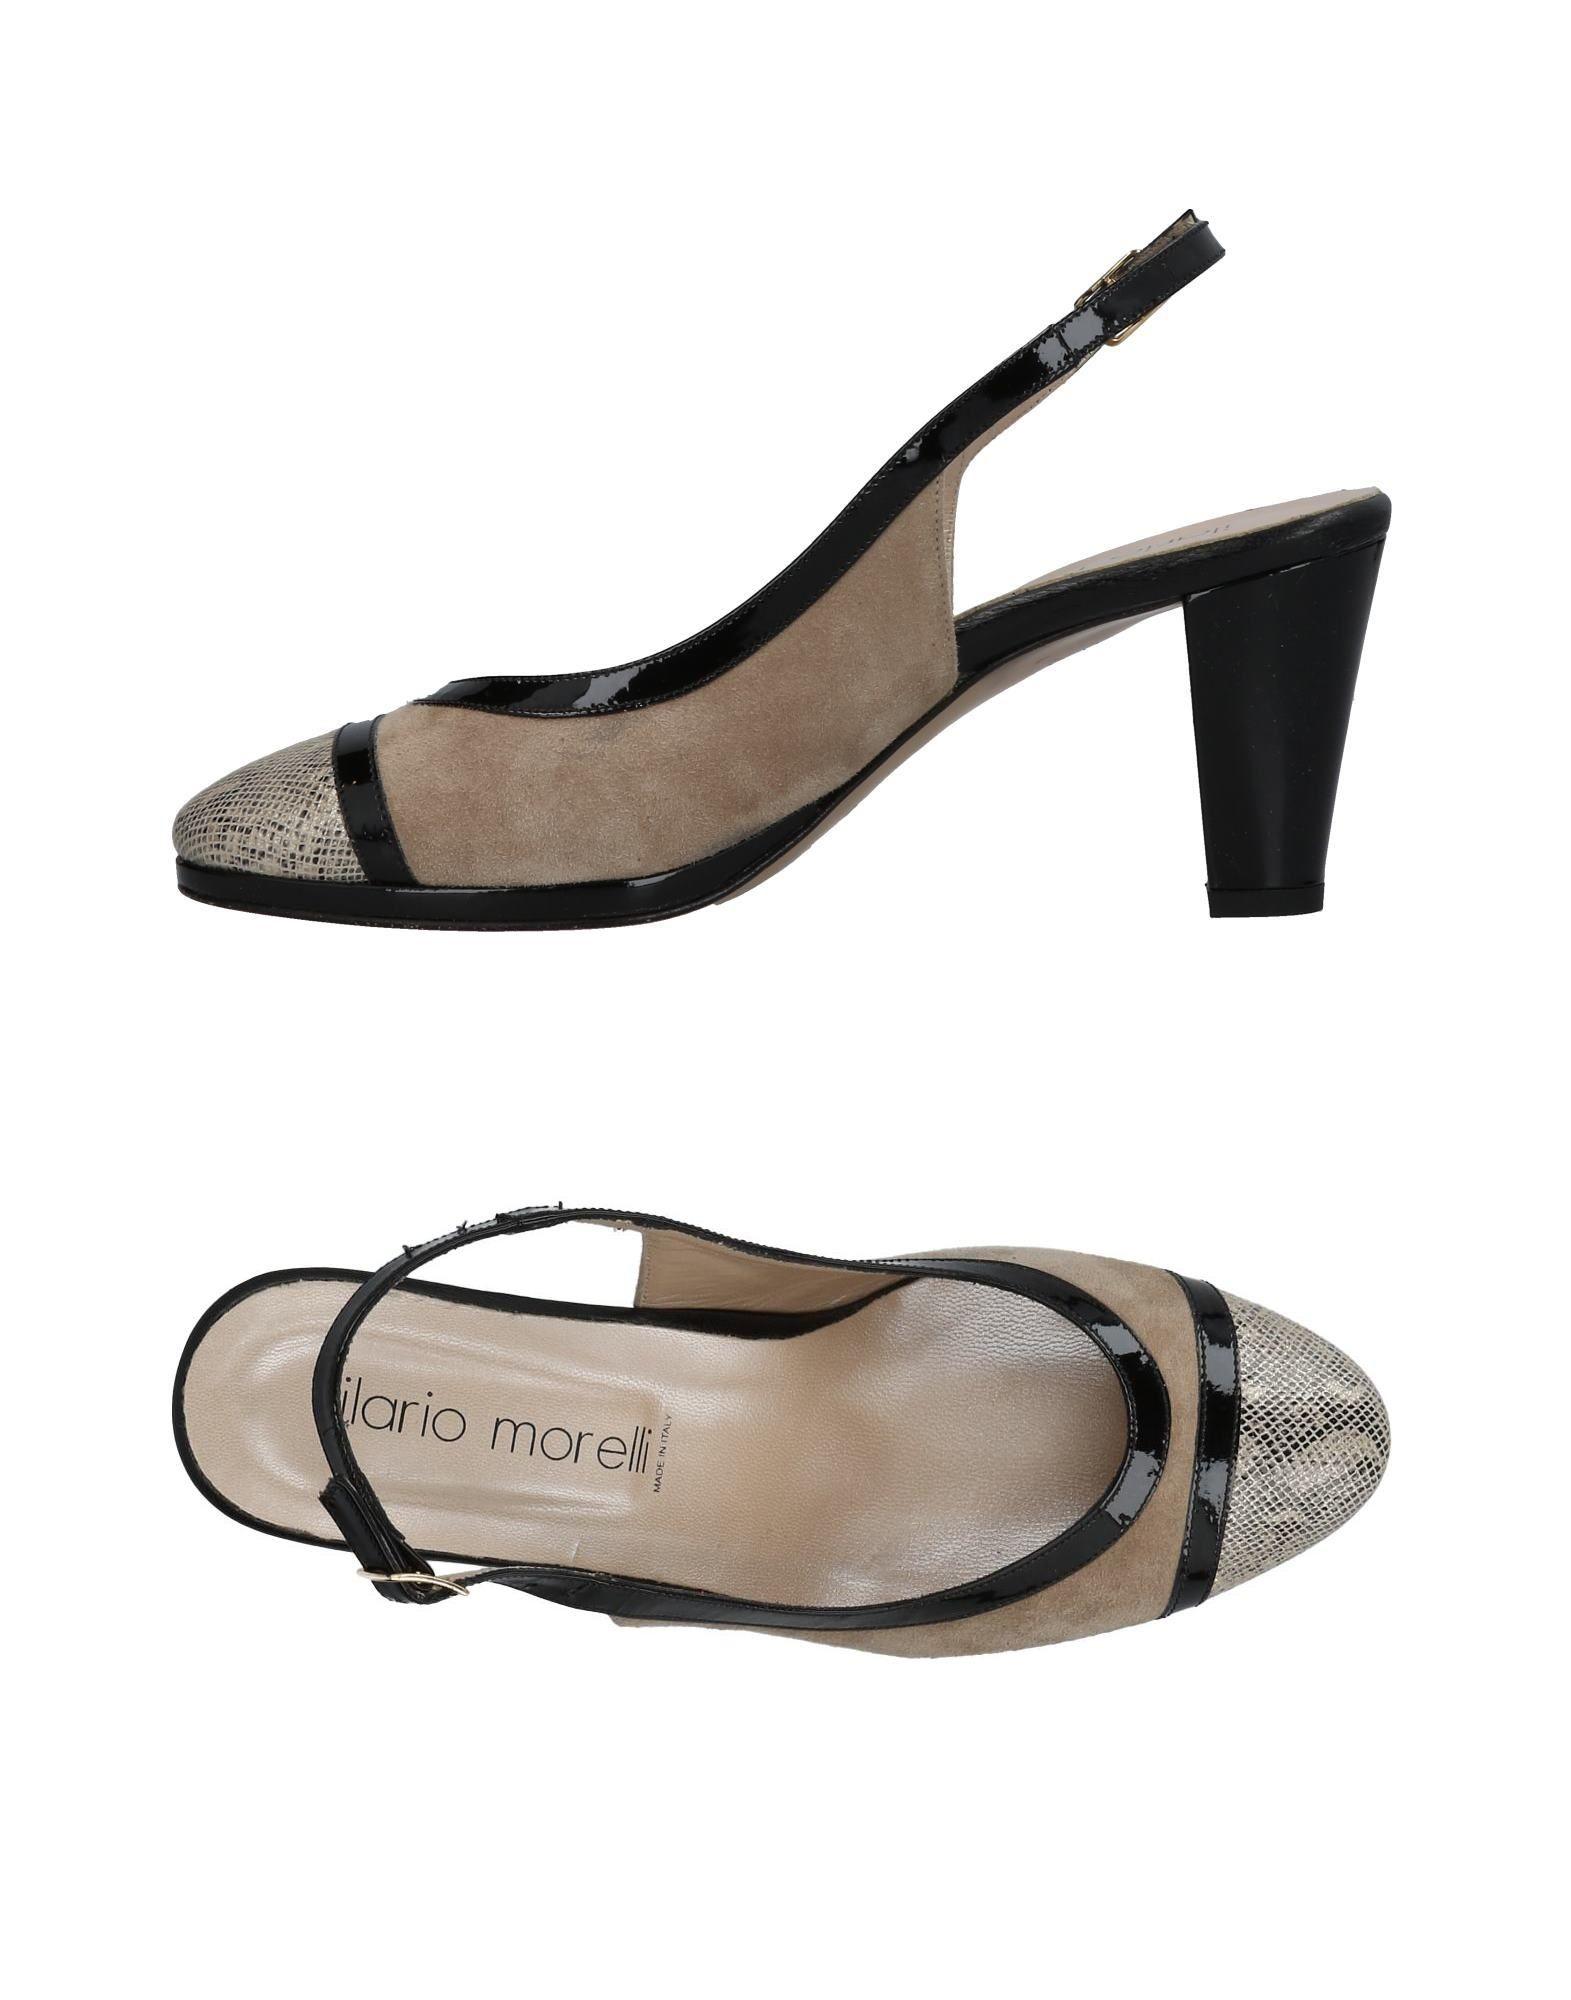 Ilario Morelli Pumps Damen  11440240IL Gute Qualität beliebte Schuhe